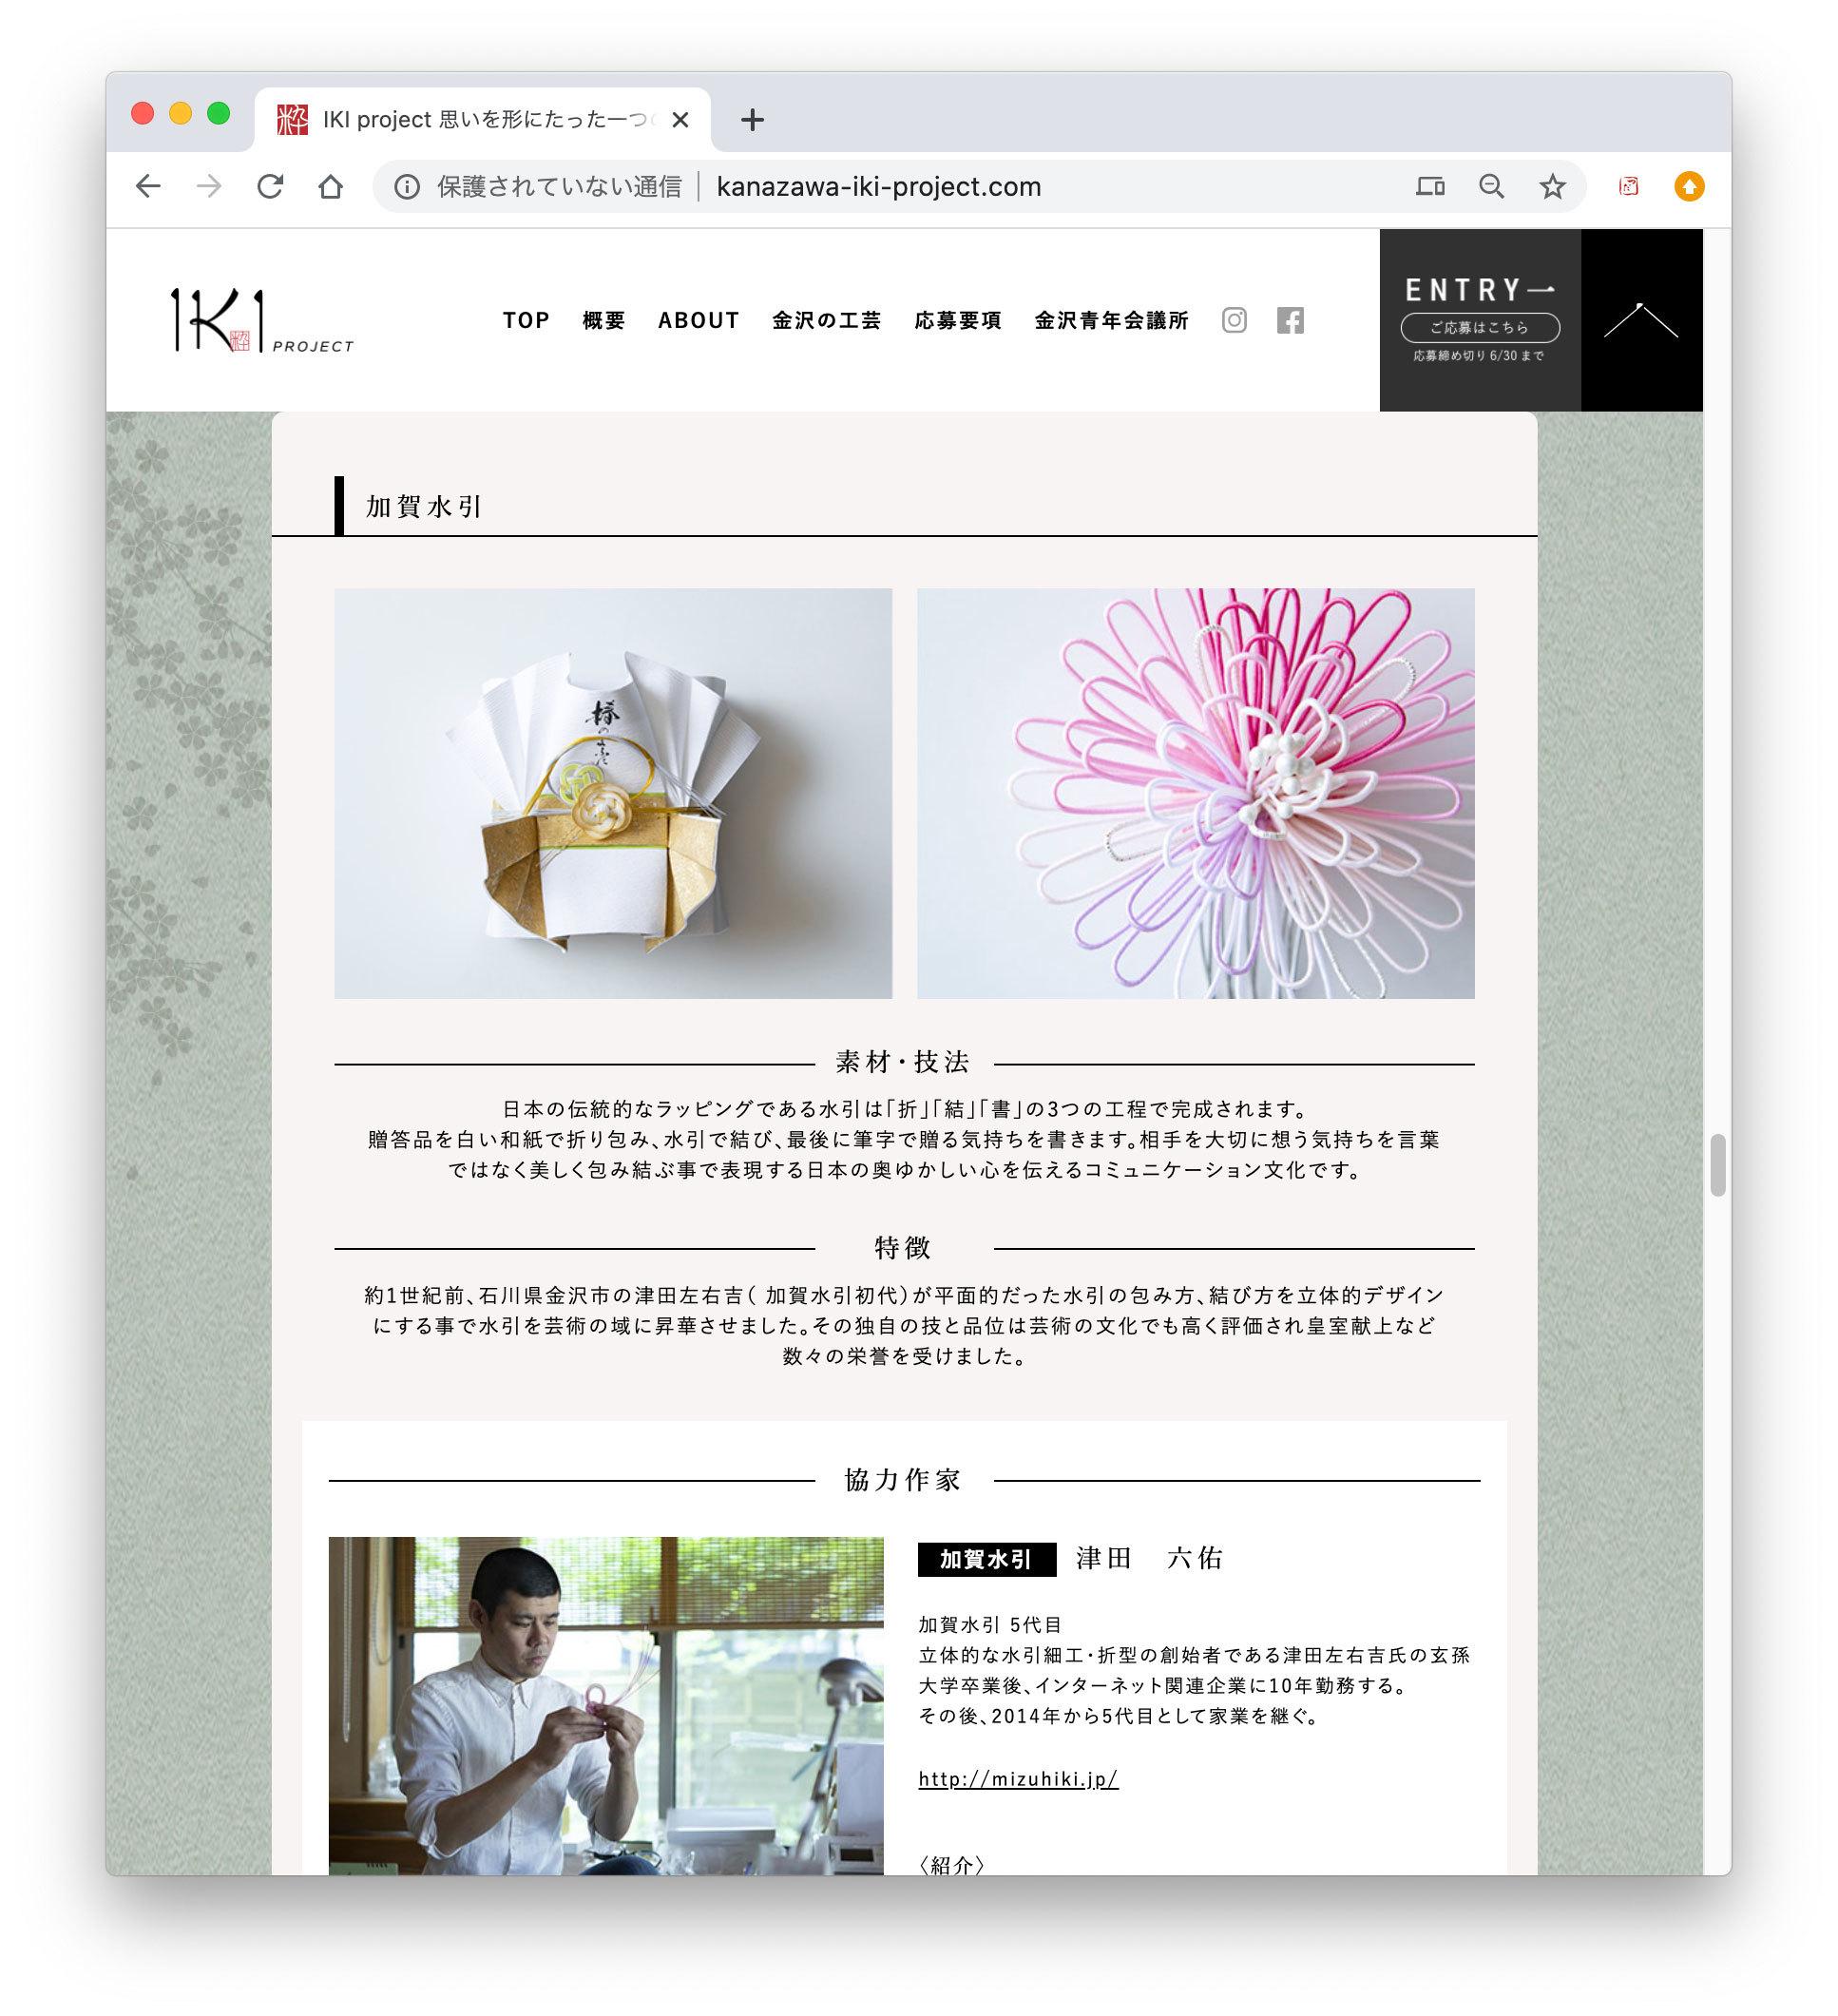 kanazawa-iki-project.jpg